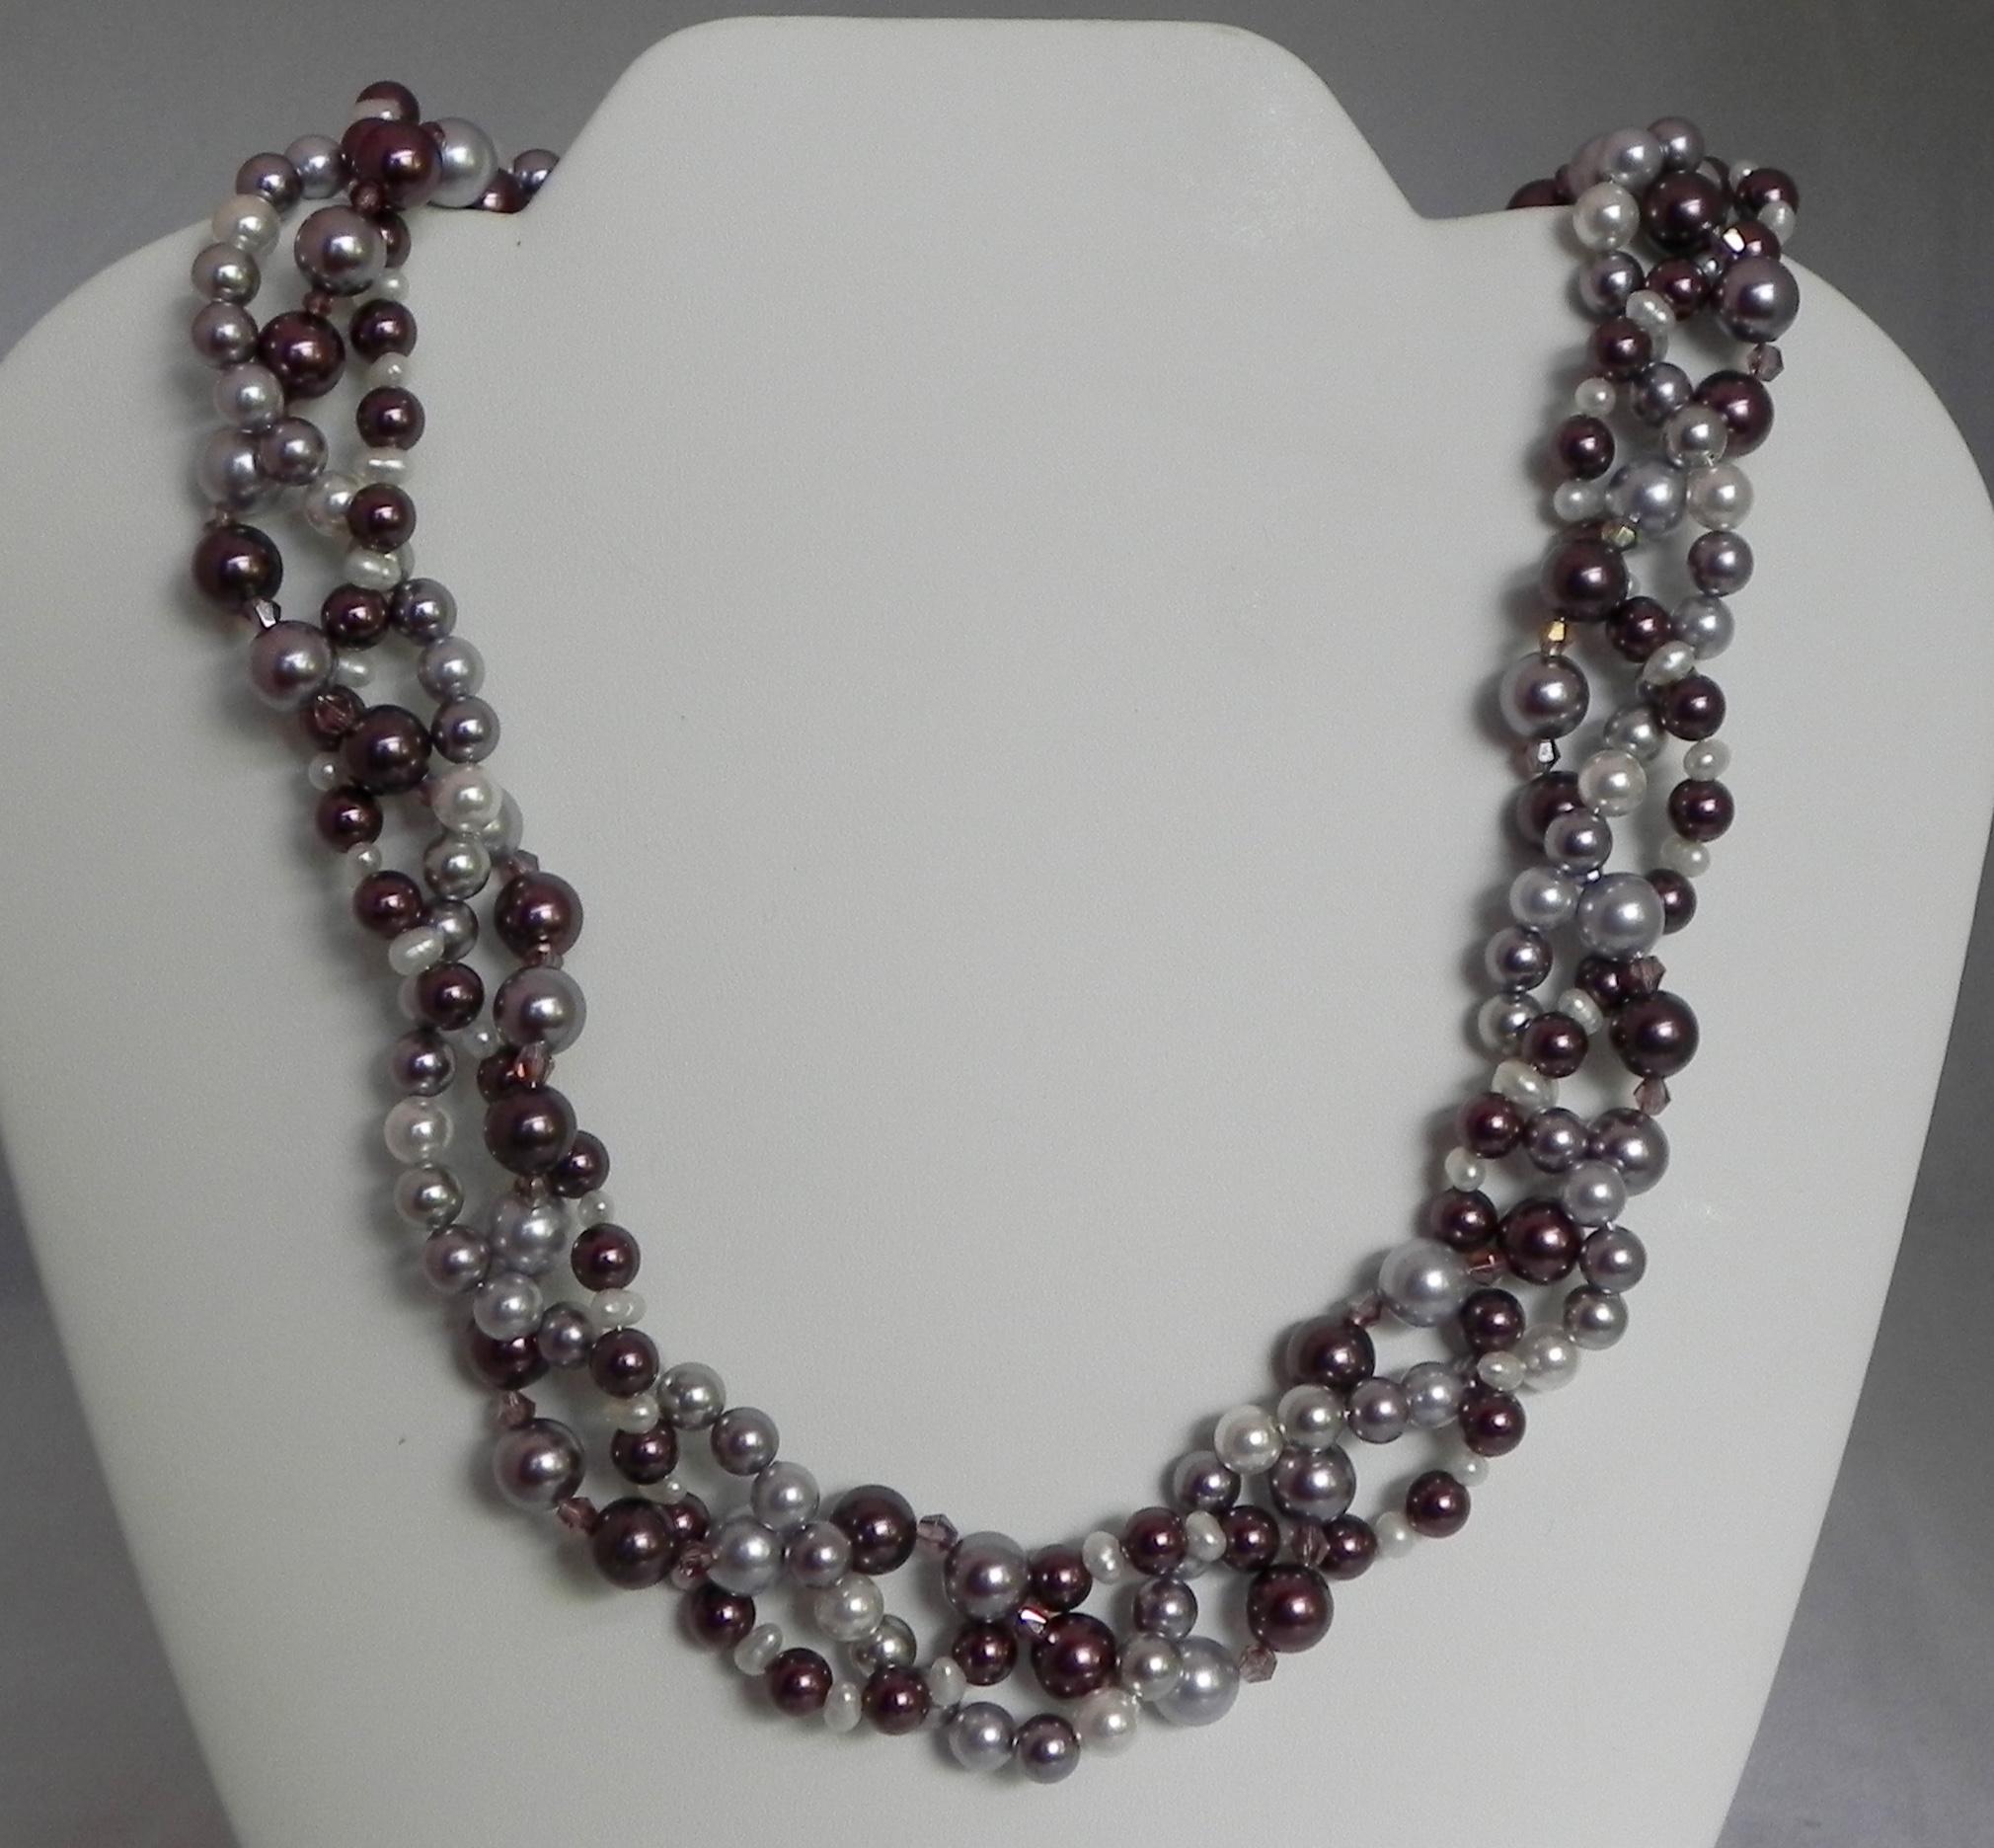 Pearls & Swarovski Pearls #809